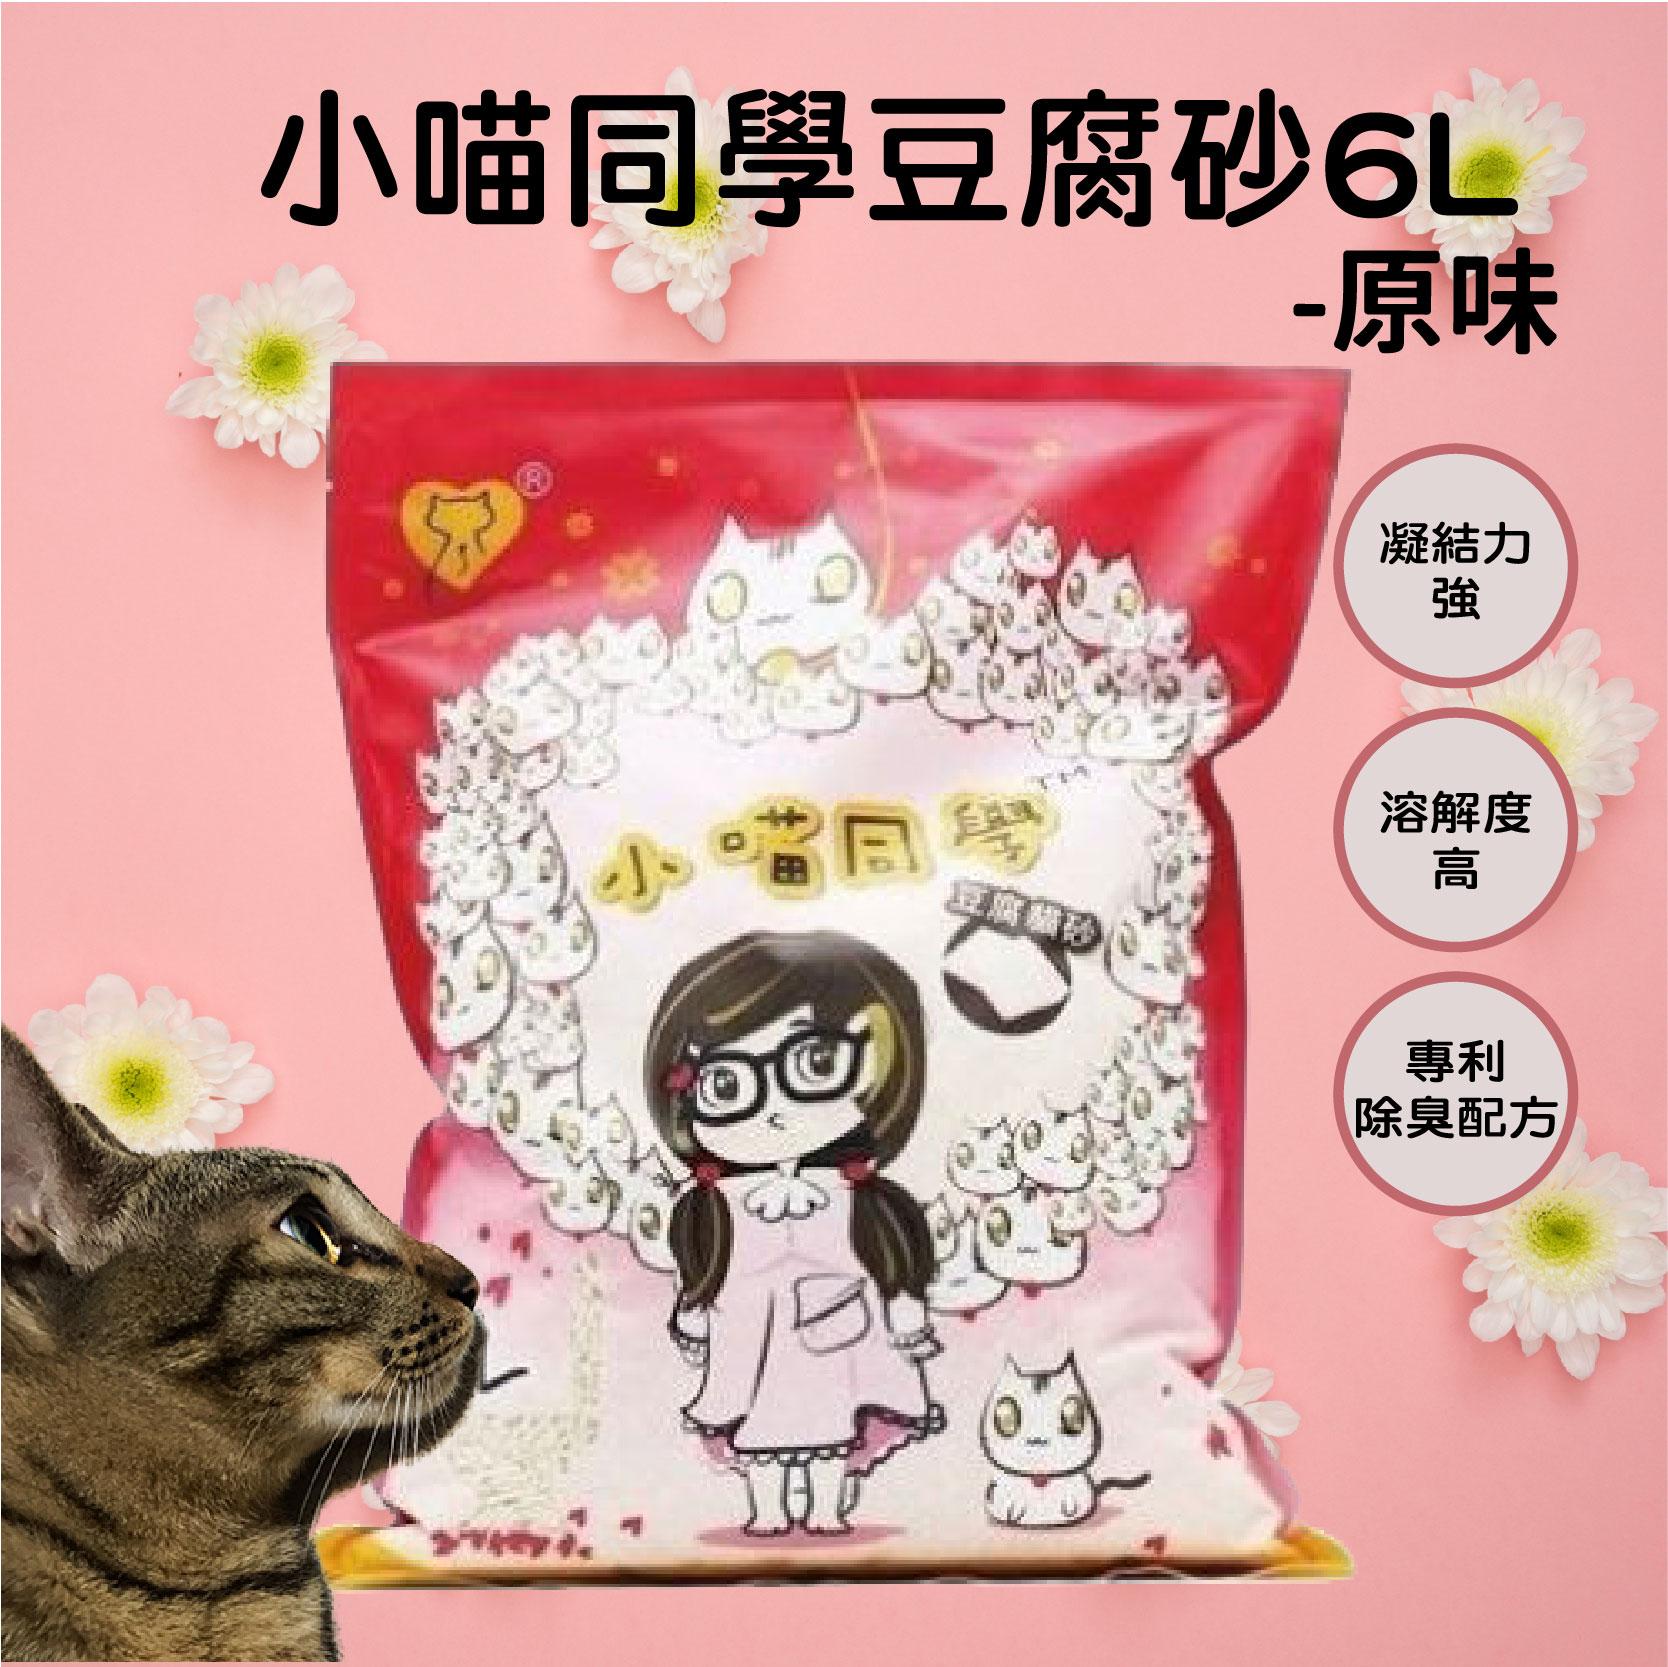 門市好評熱賣 小喵同學豆腐砂 原味6L 貓砂 豆腐貓砂 低粉塵 可溶解 可沖馬桶 抑臭 貓用品 寵物用品 寵物